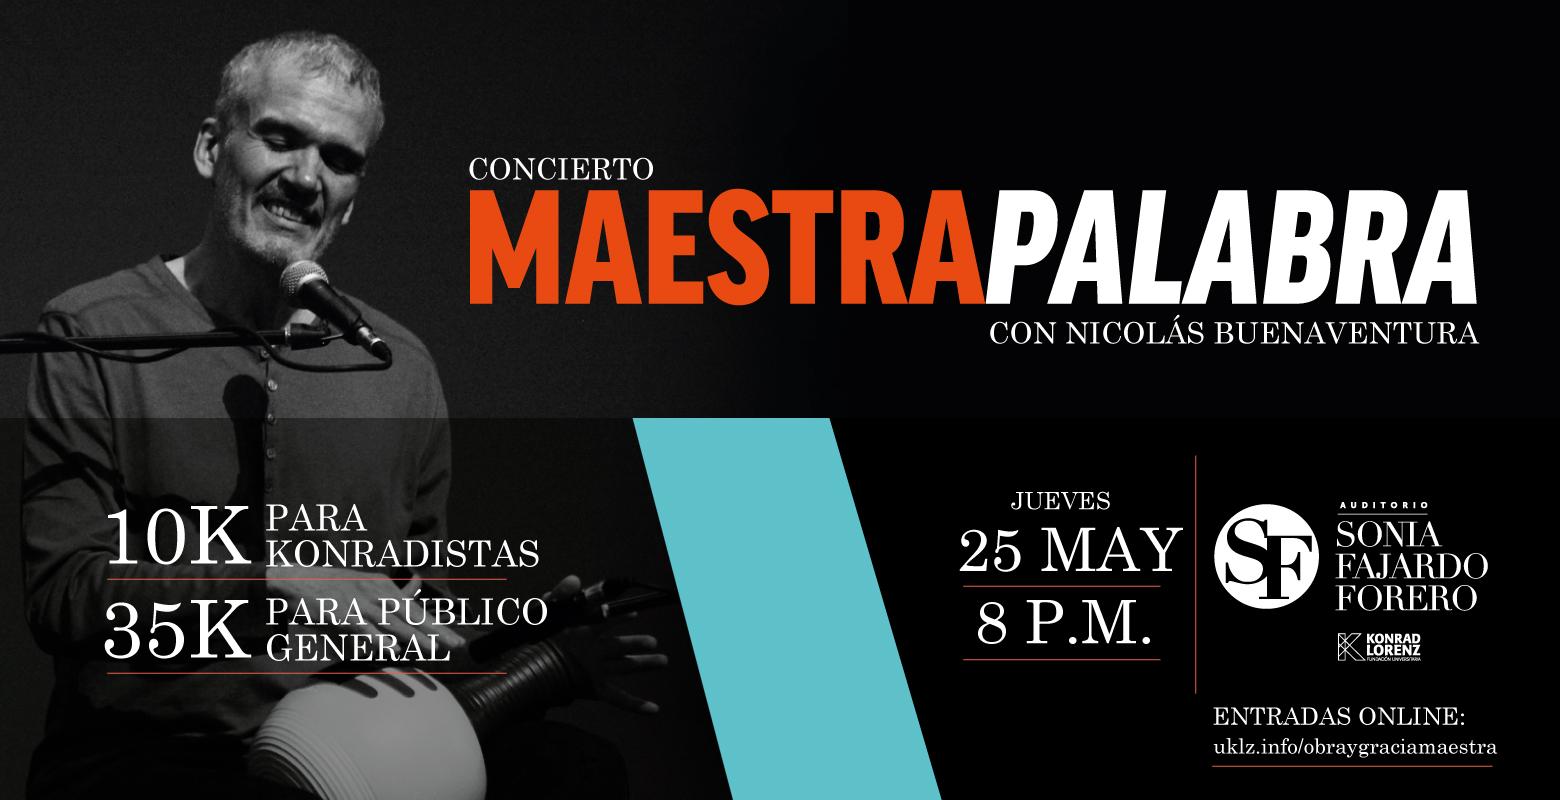 Concierto: Maestra Palabra con Nicolás Buenaventura